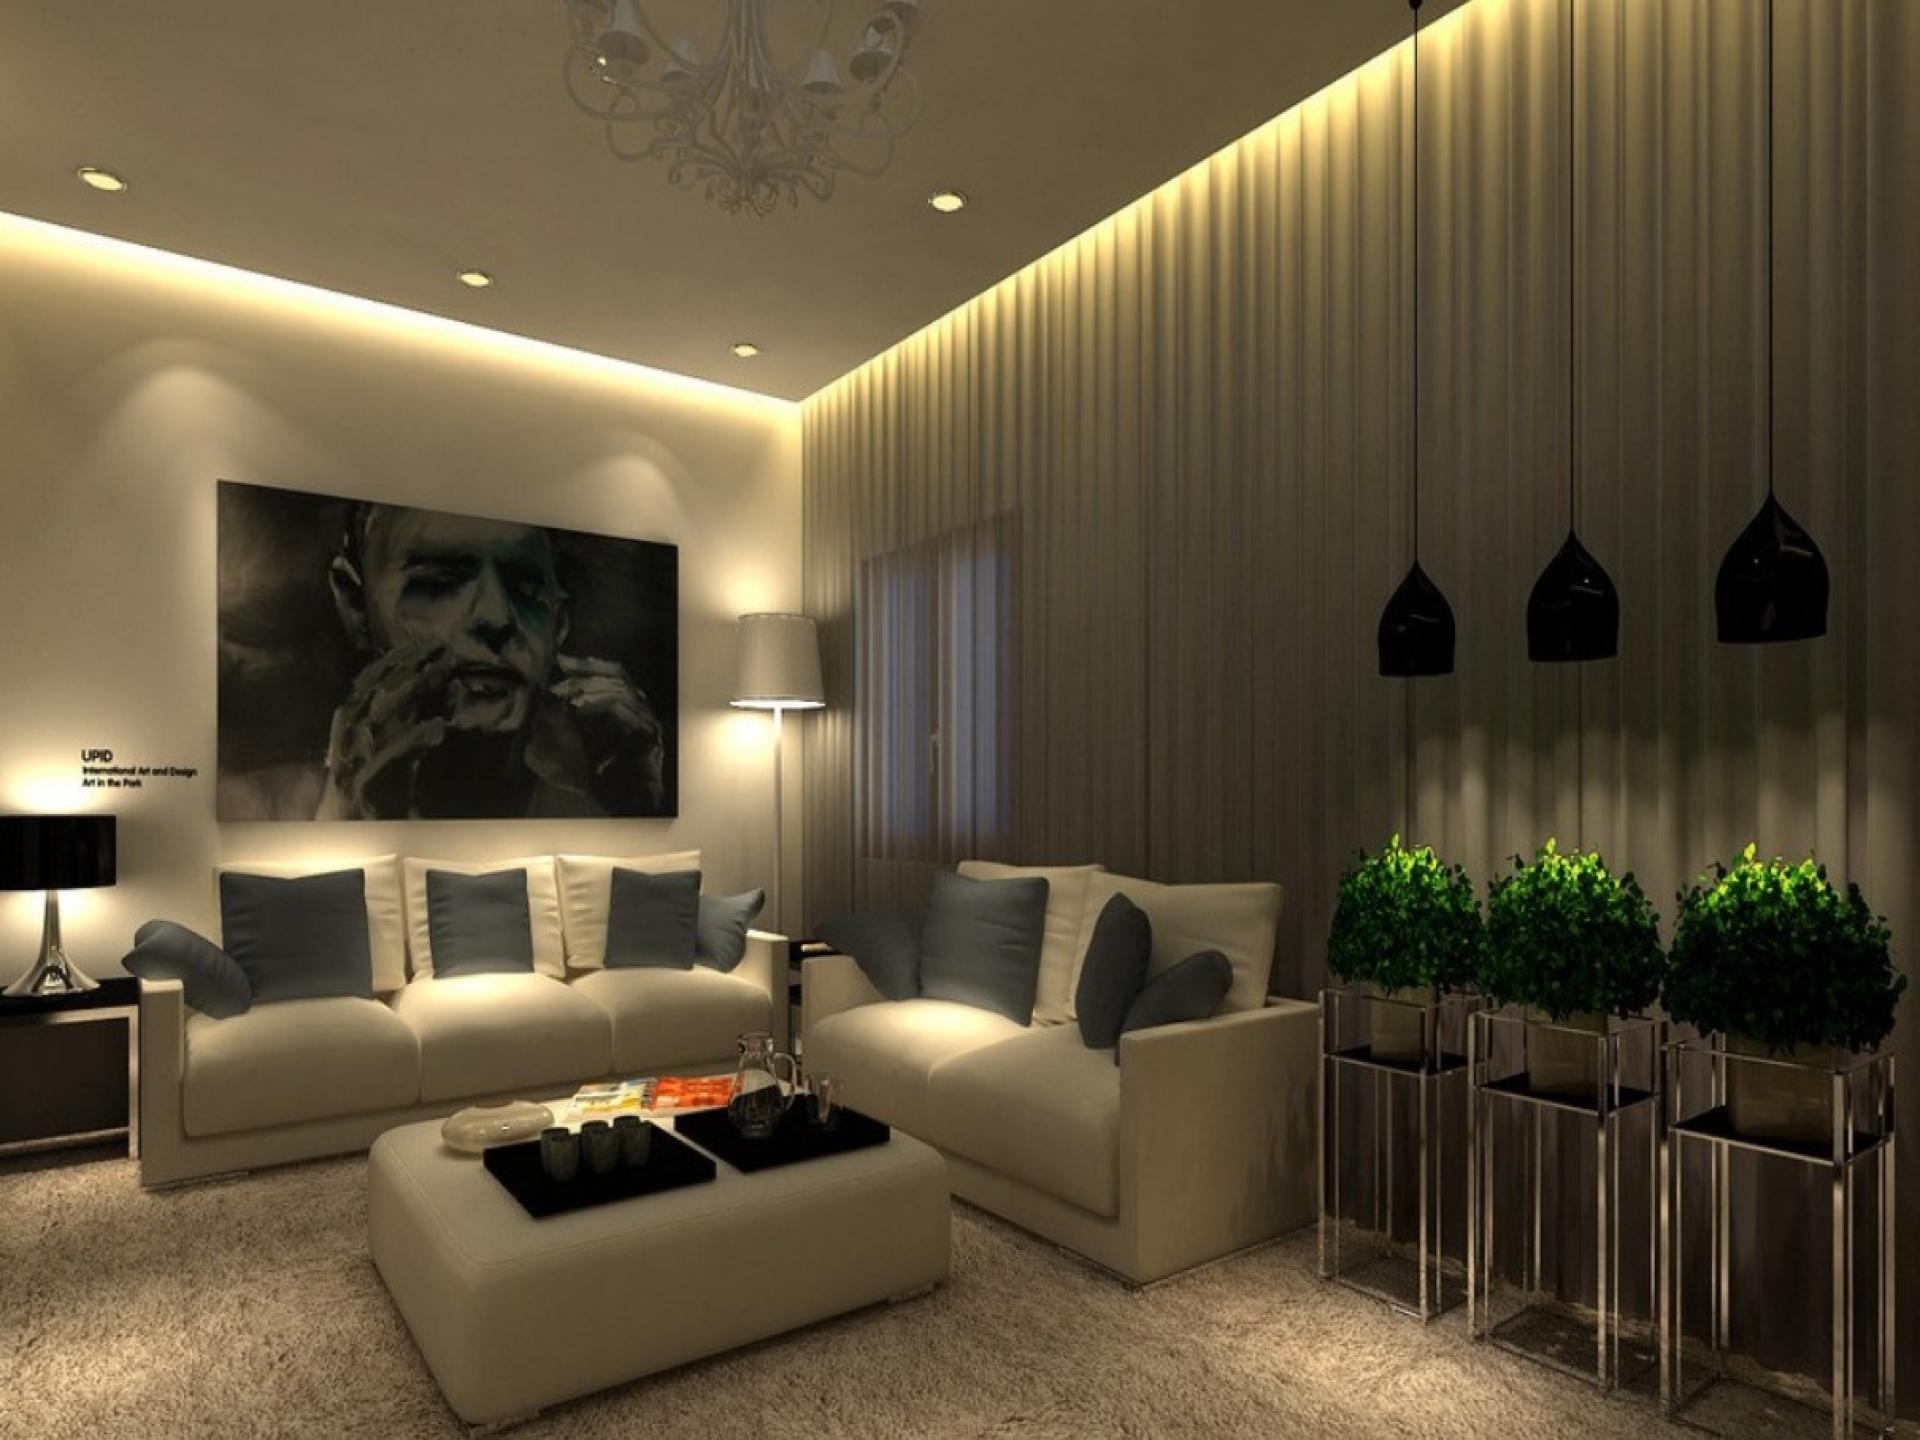 Освещение в интерьере натяжные потолки